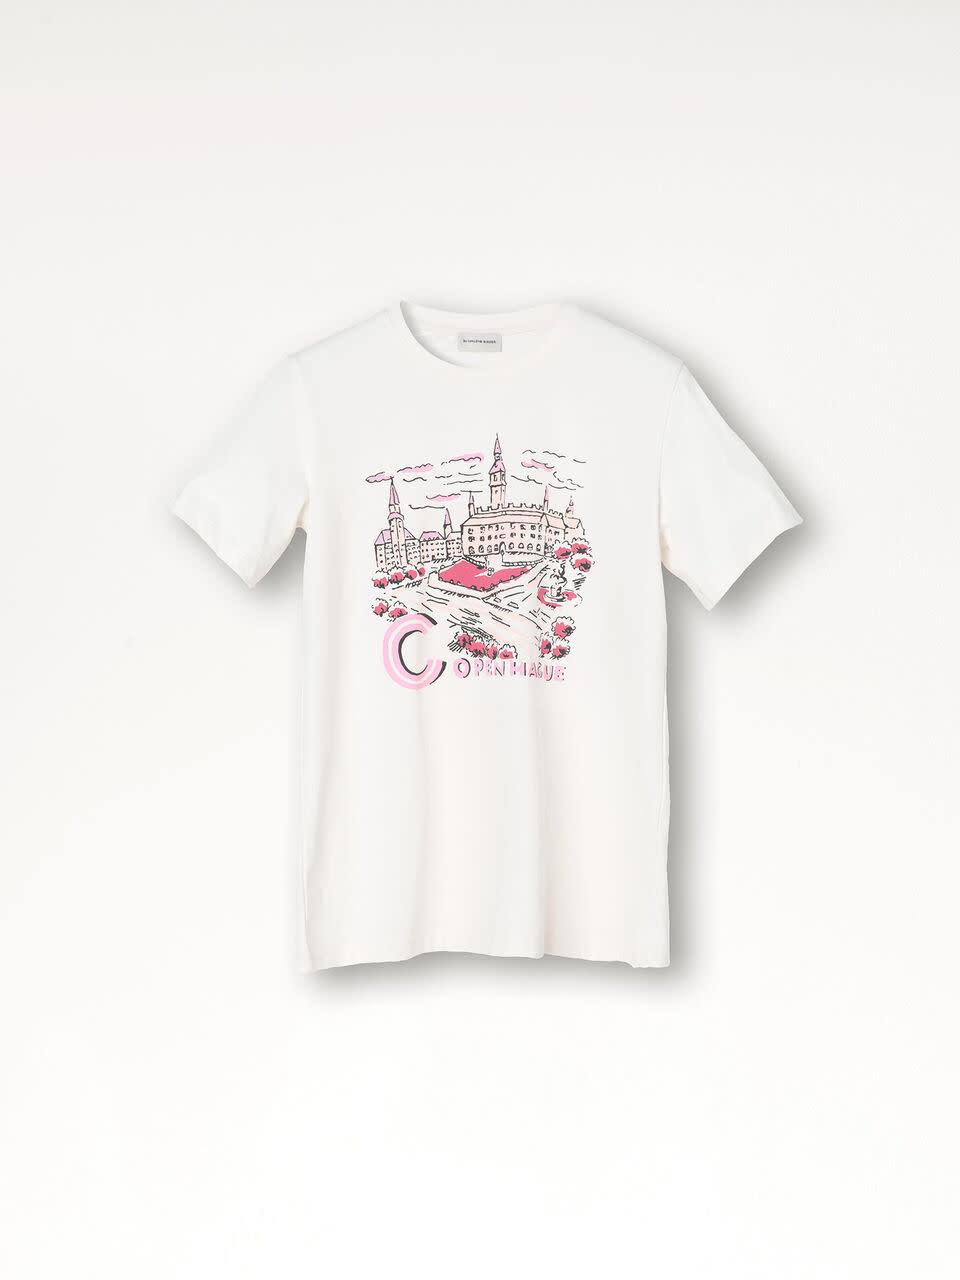 Suddia T-Shirt By Malene Birger-2